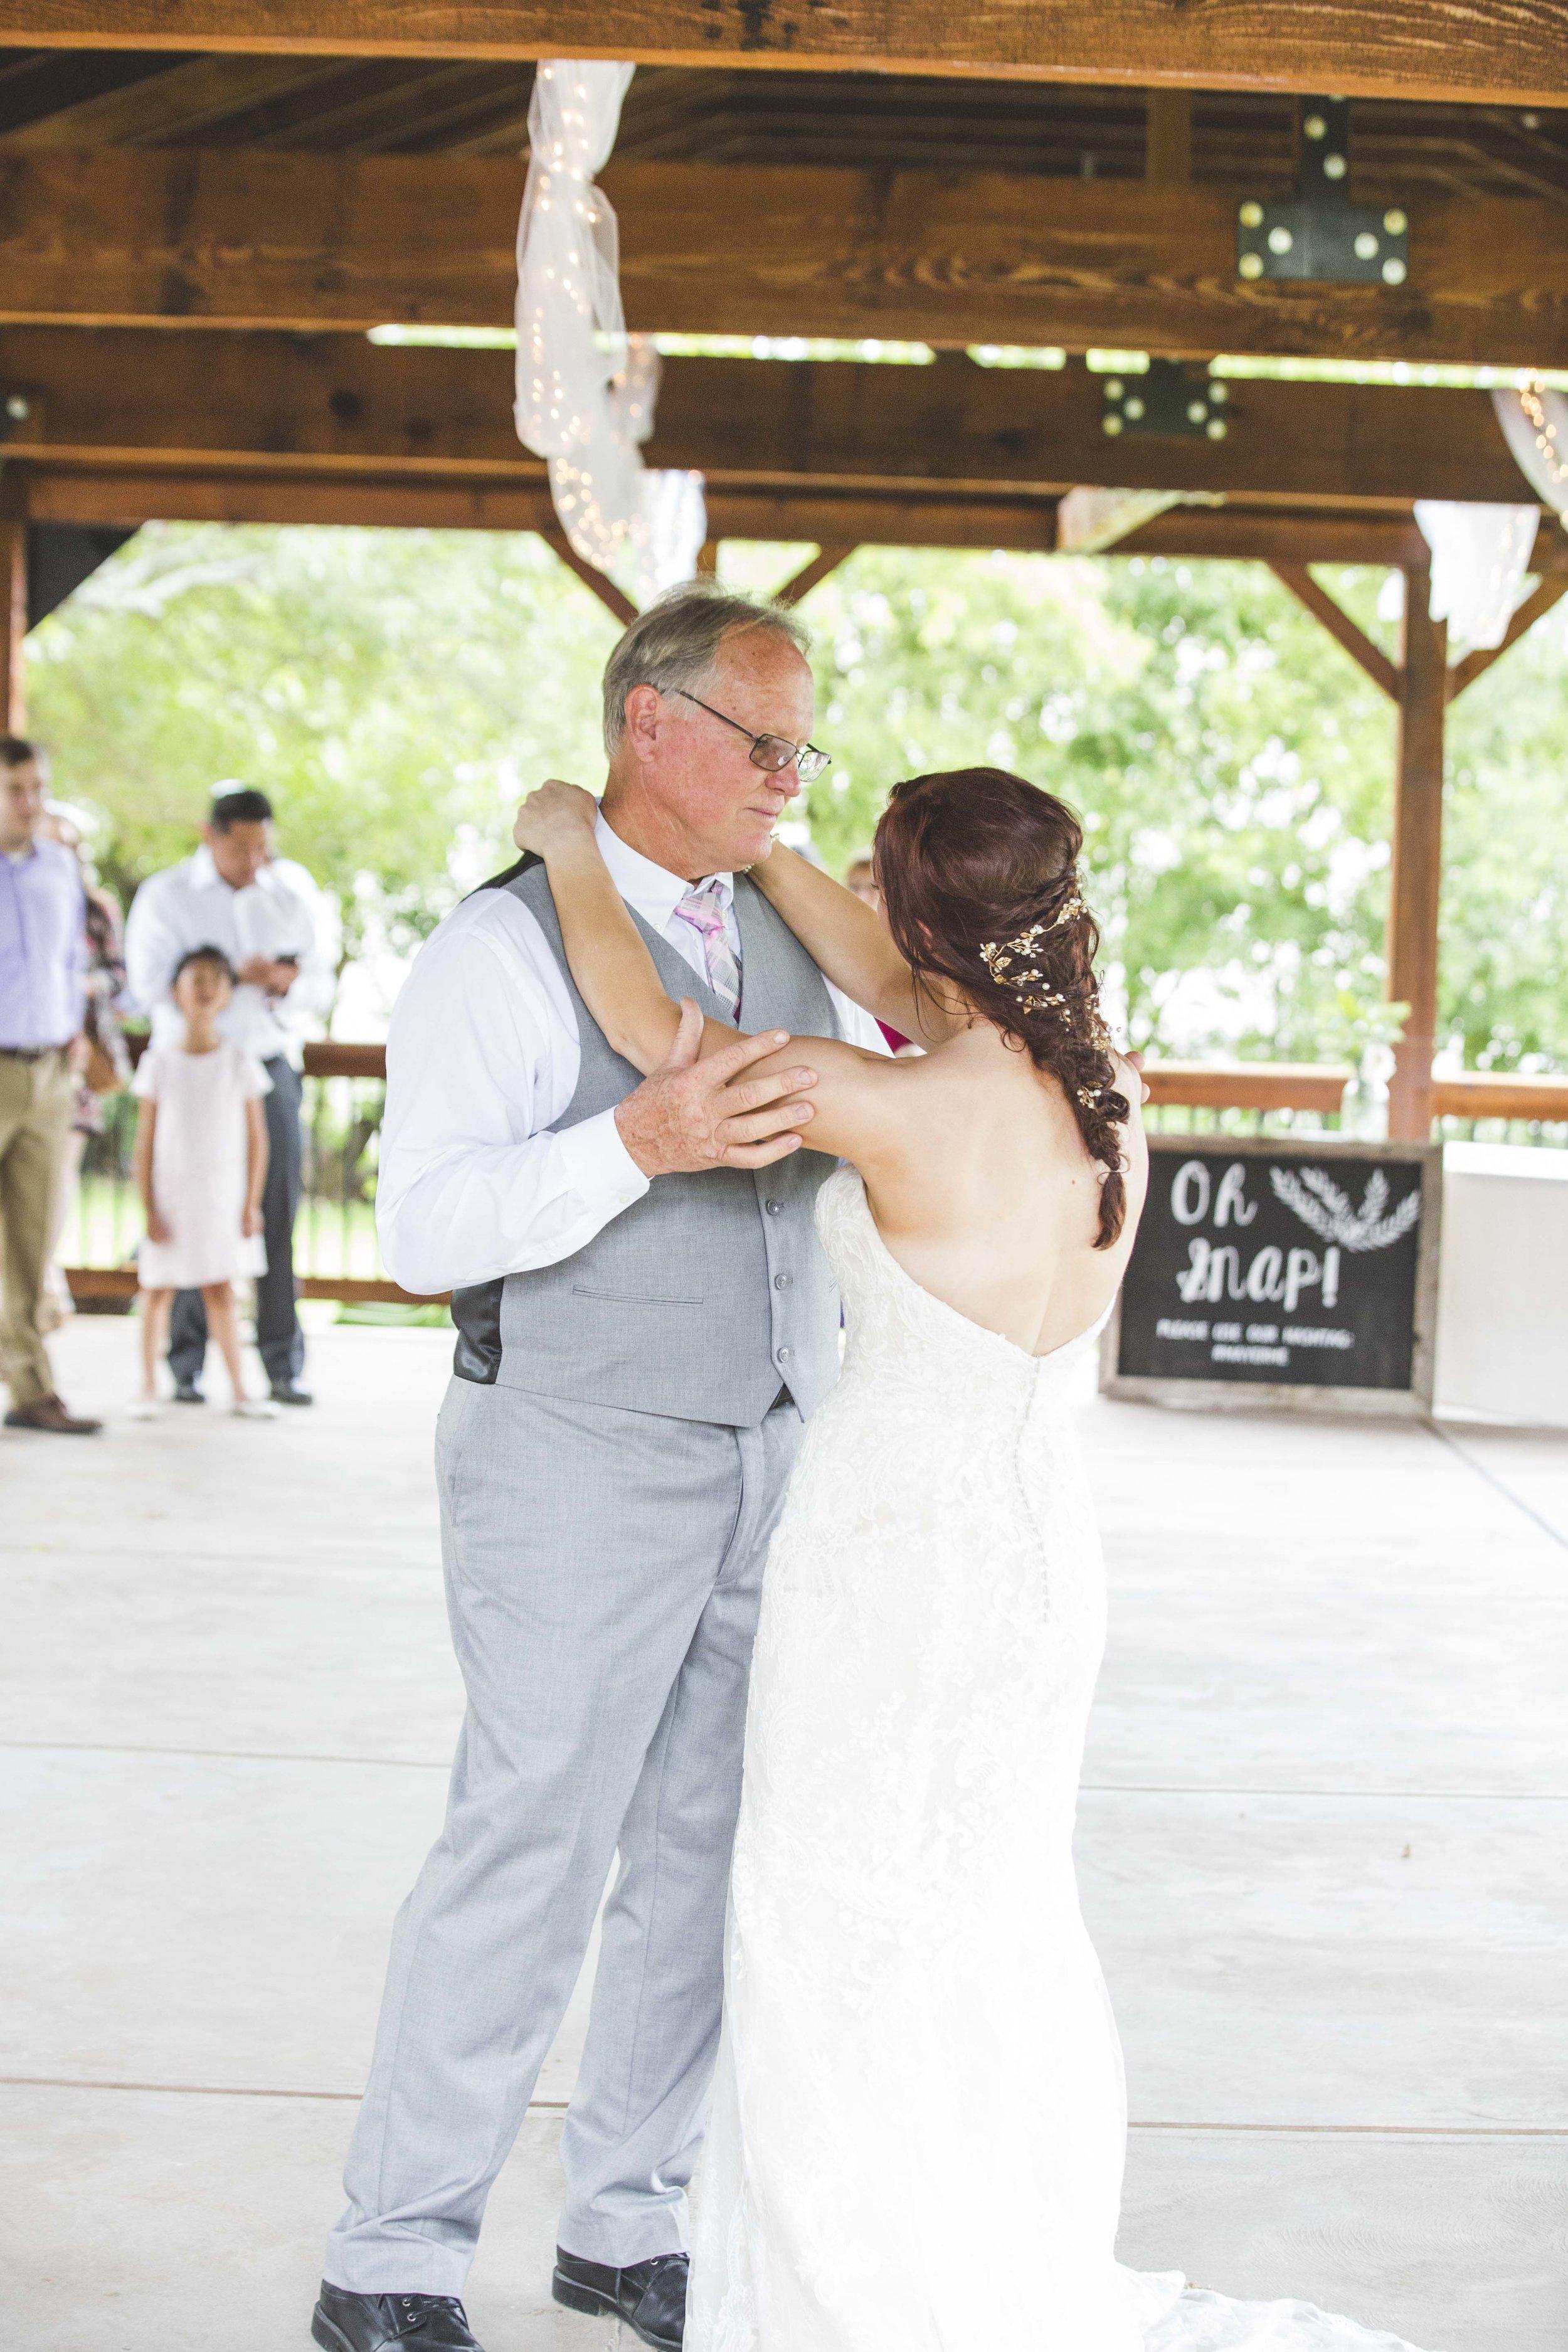 ATGI_Susanna & Matt Wedding_717A8541.jpg